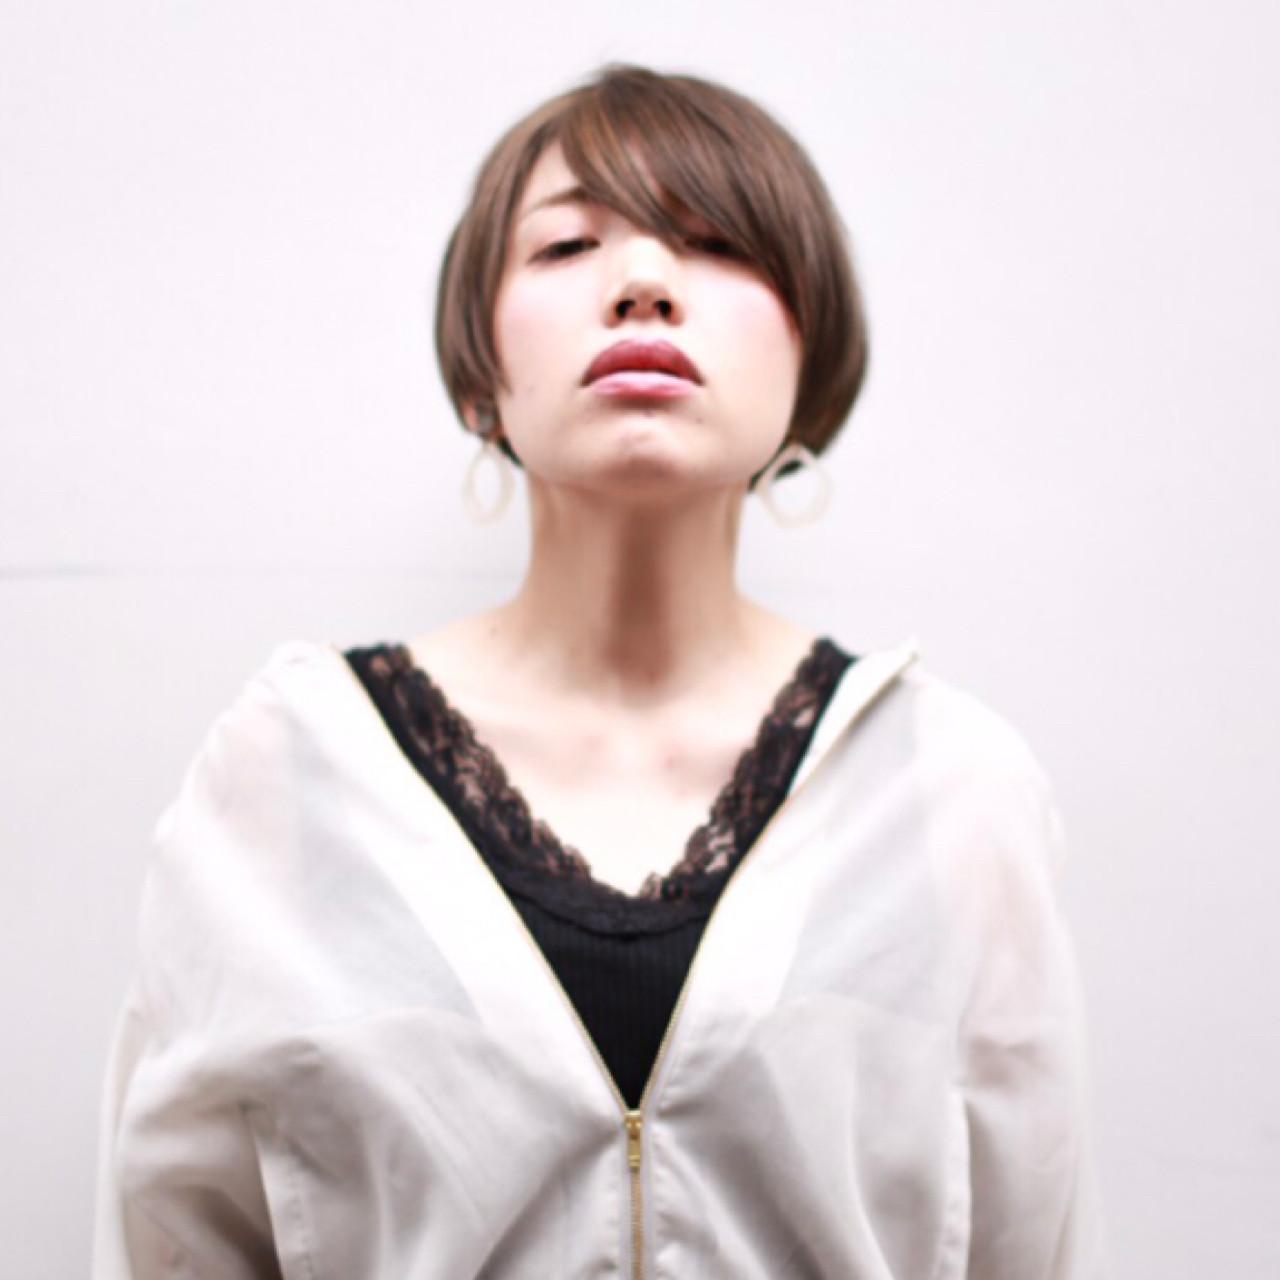 似合わせ モード 大人女子 うざバング ヘアスタイルや髪型の写真・画像 | yuunn /